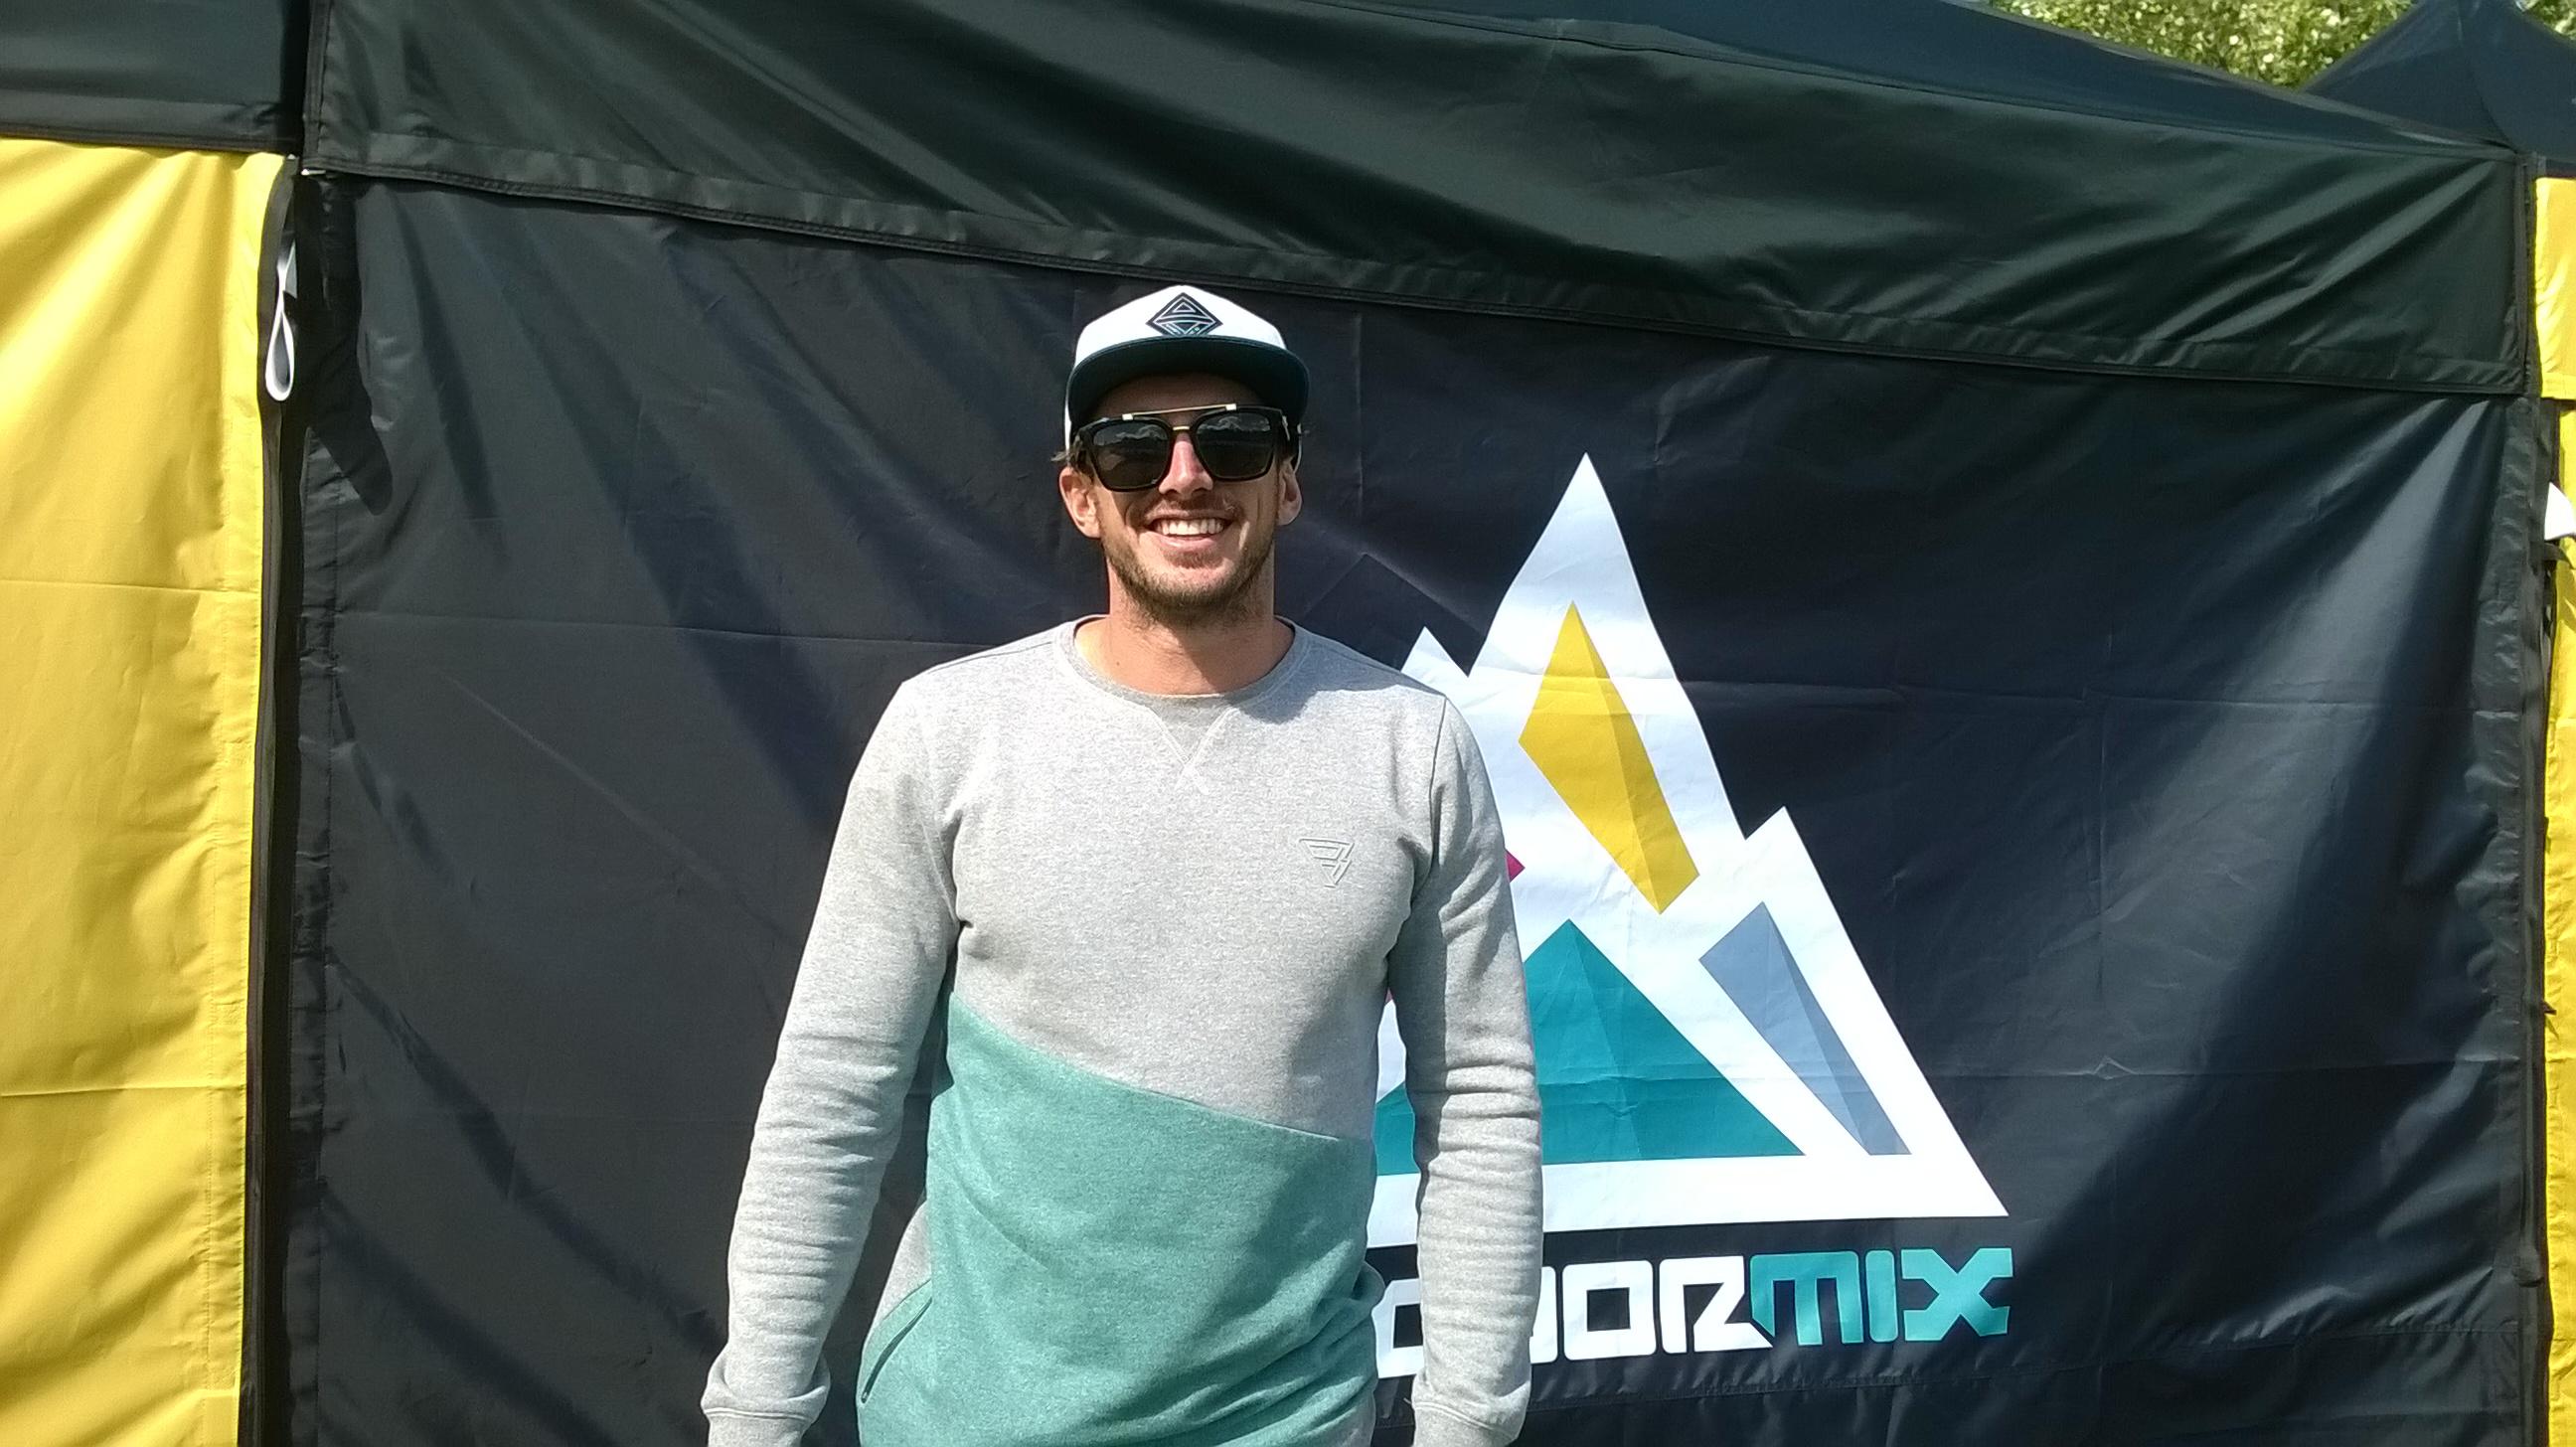 Youri Zoon le double champion du monde de kitesurf a fait une halte à Embrun